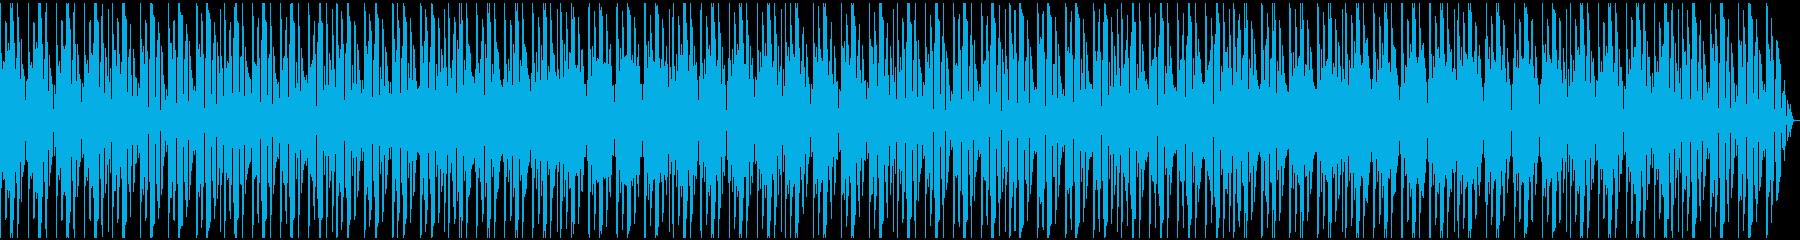 ニュース番組で流れそうな曲1の再生済みの波形